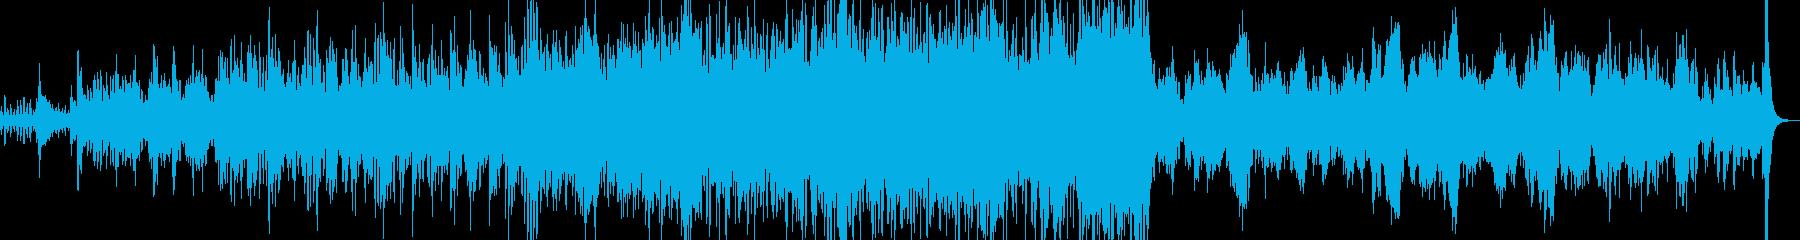 ワルツ 弦楽器とパーカッションで迫力の再生済みの波形